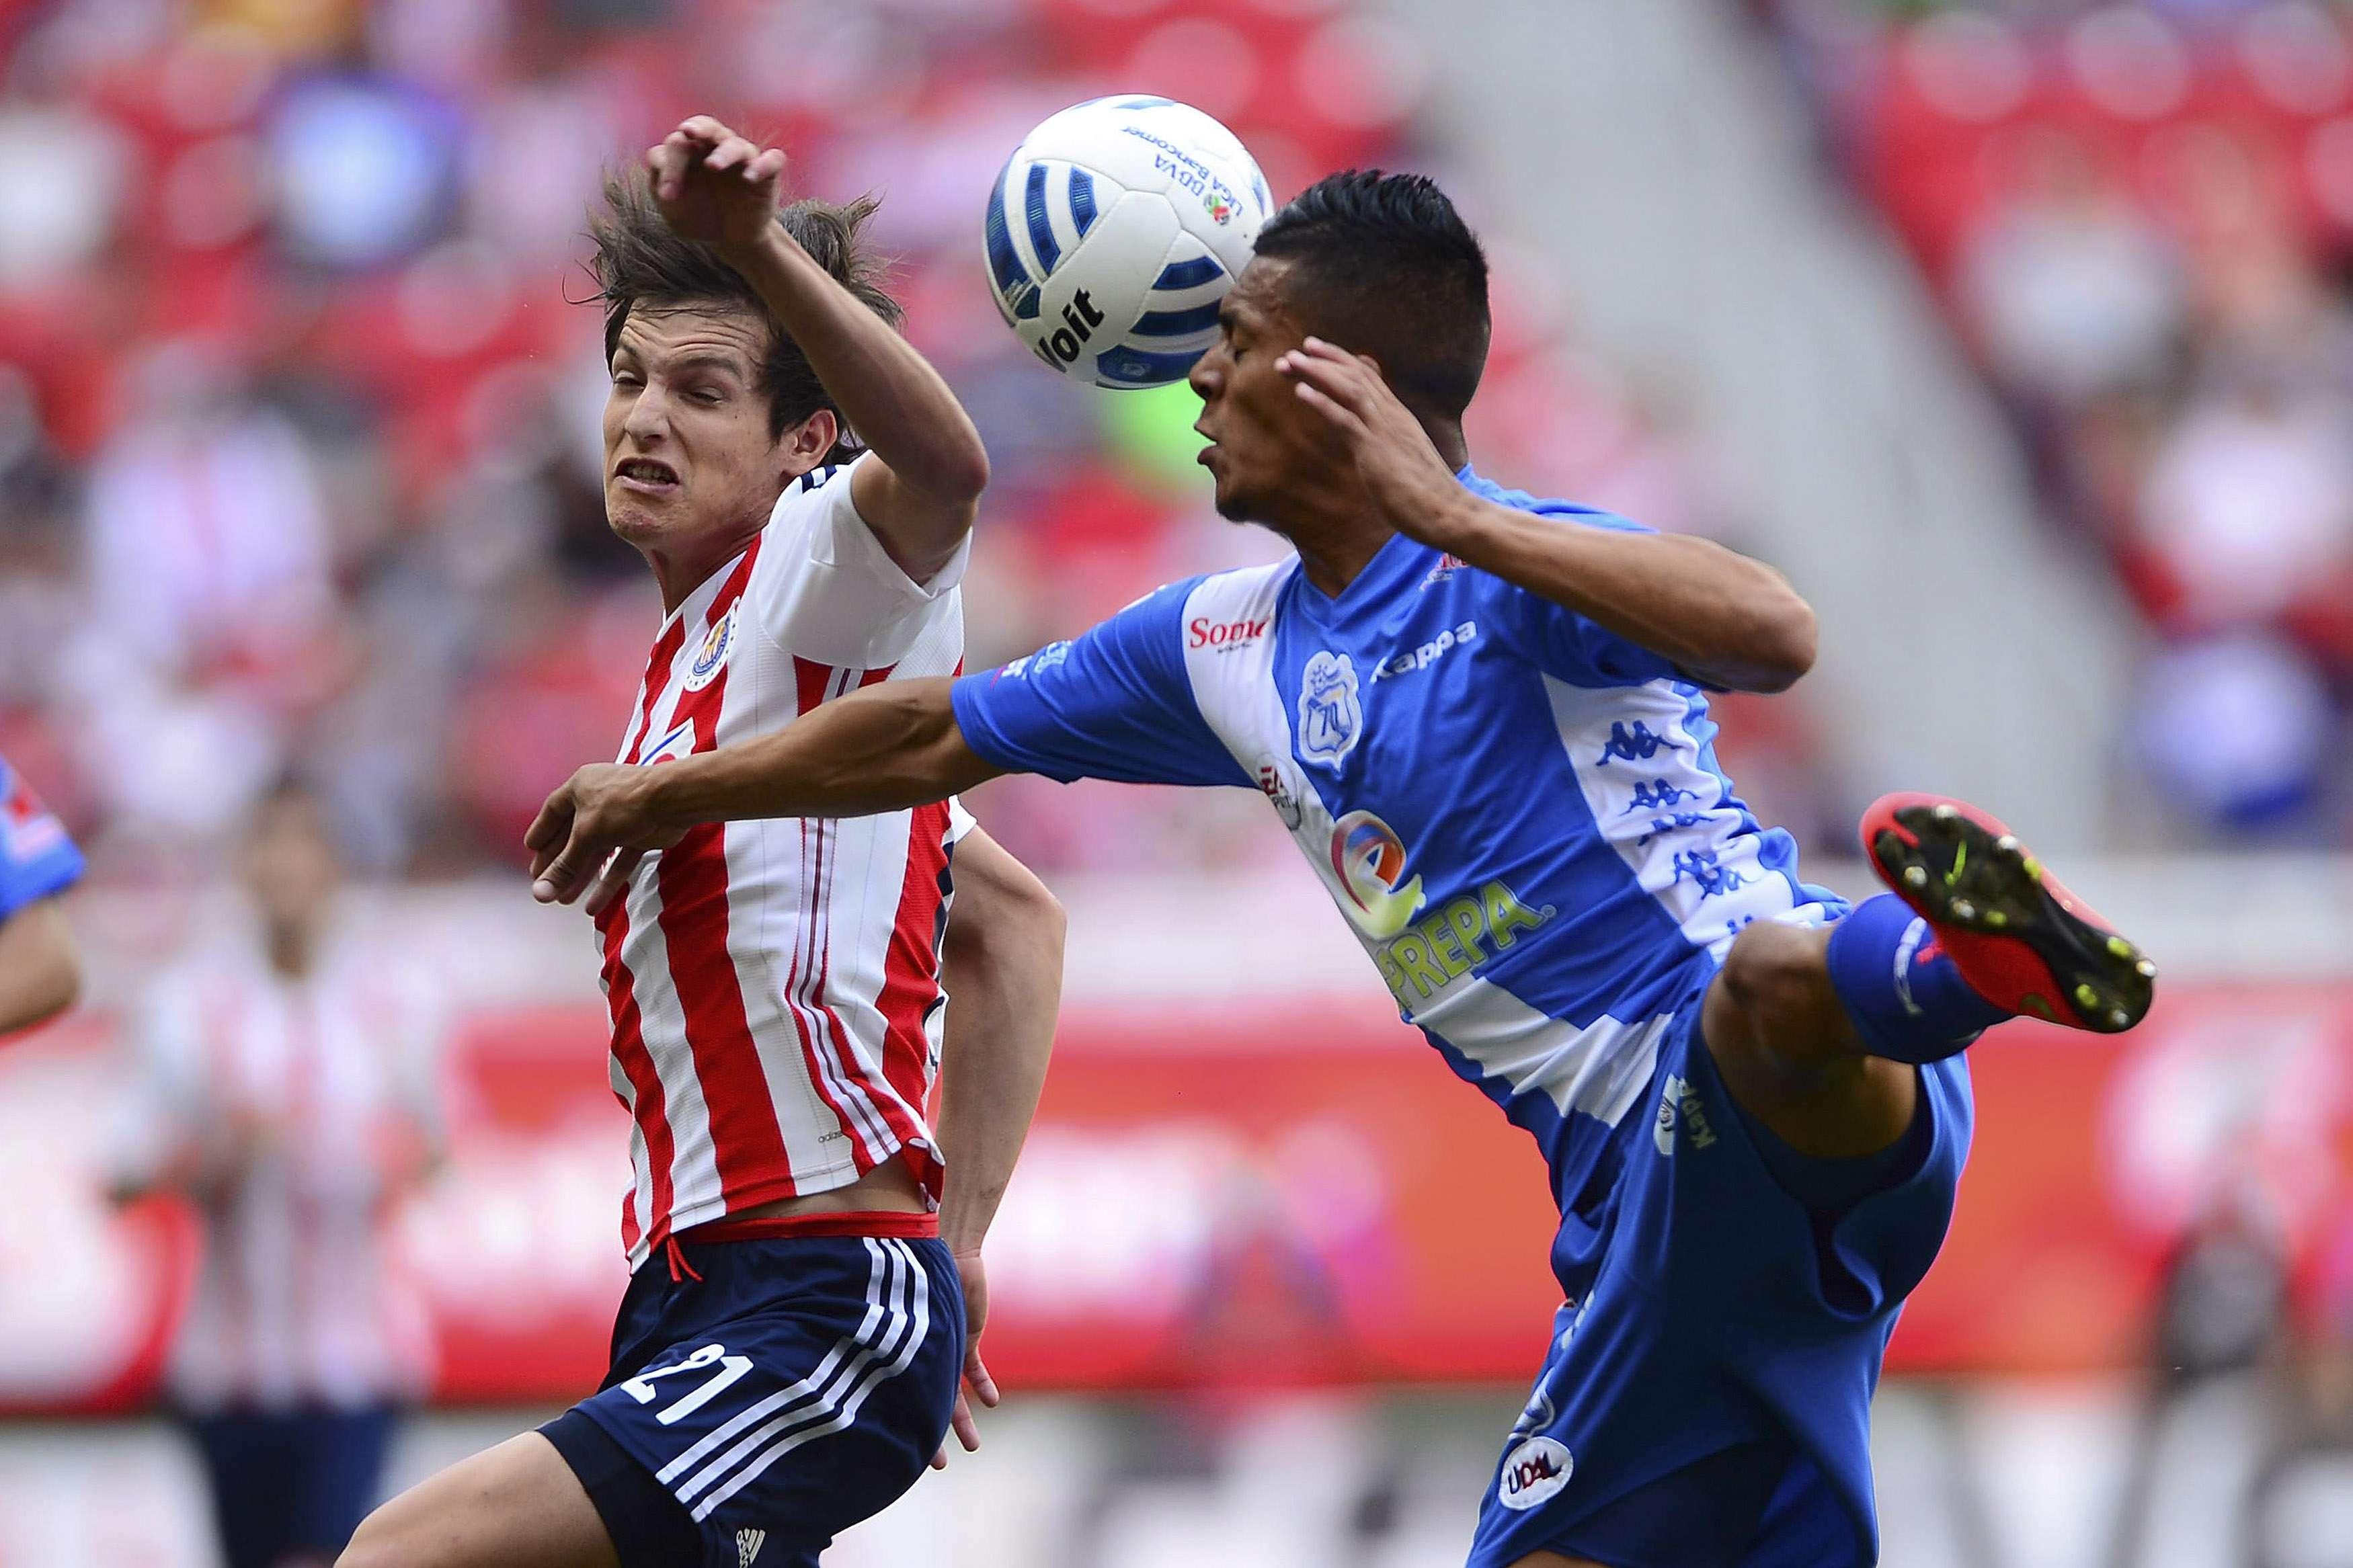 Chivas suma siete partidos sin ganar en el Apertura 2014. Foto: Mexsport